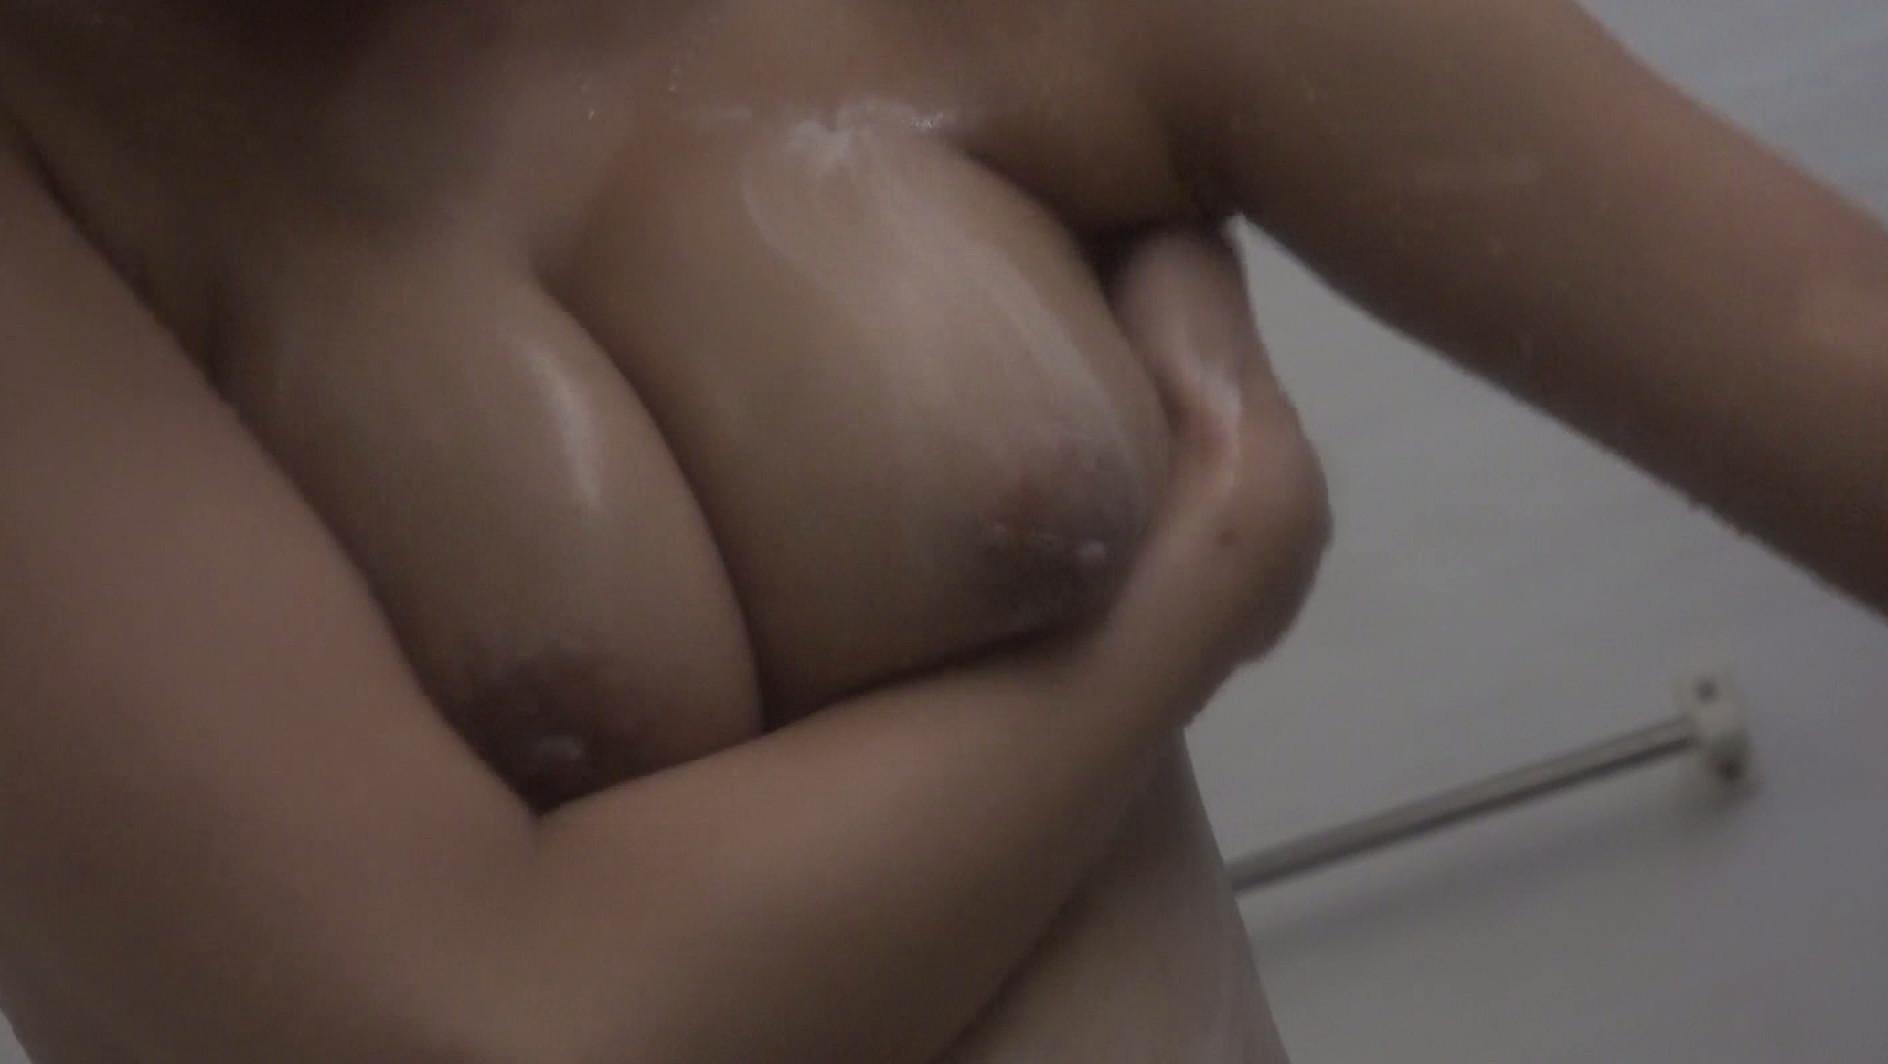 巨乳女性ばかり狙ったシャワー盗●映像~細身に不釣り合いなボインが揺れすぎてます 画像3